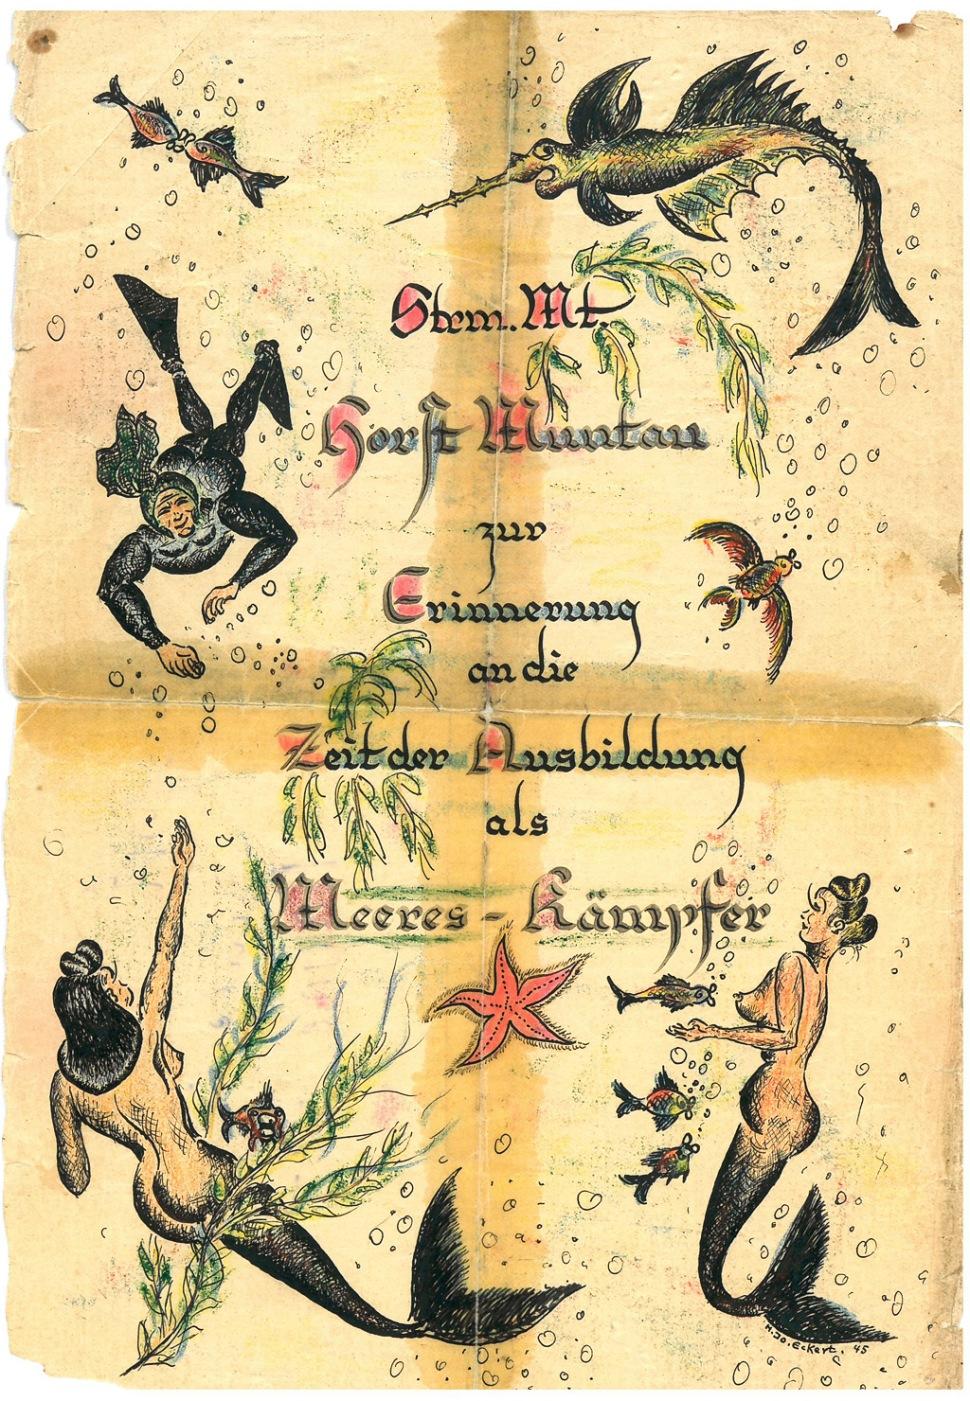 180728-panerai-3646-260746-horst-muntau-drawing